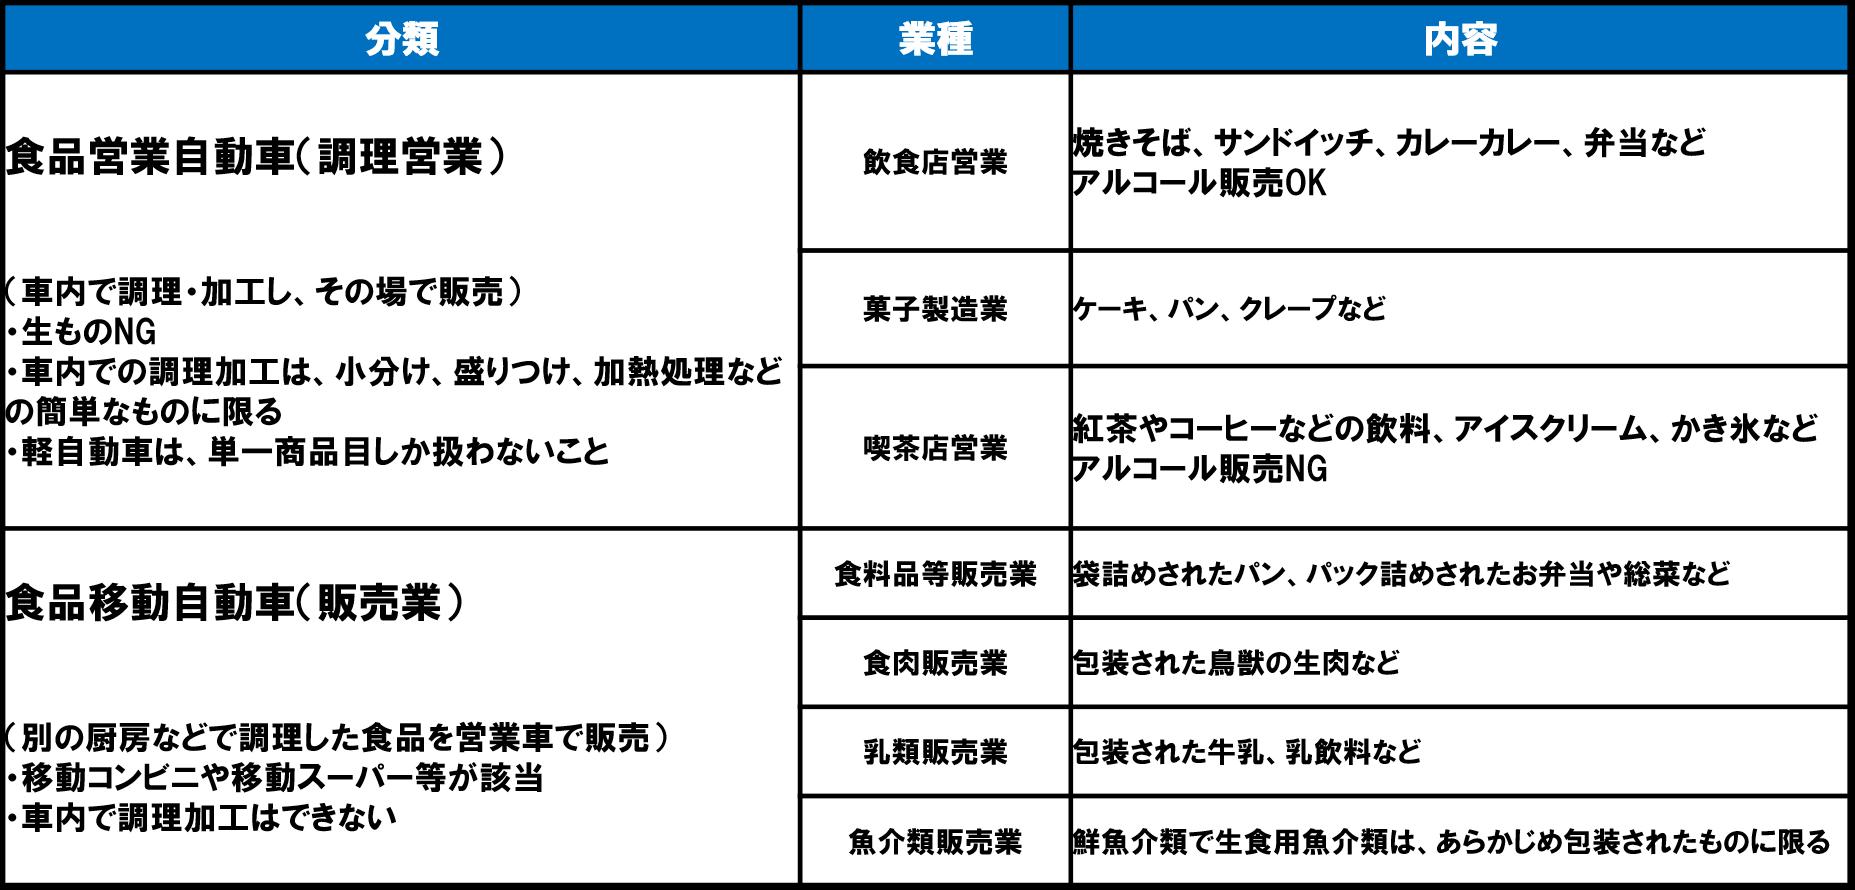 キッチンカー(移動販売車)の営業許可取得マニュアル5ステップ!